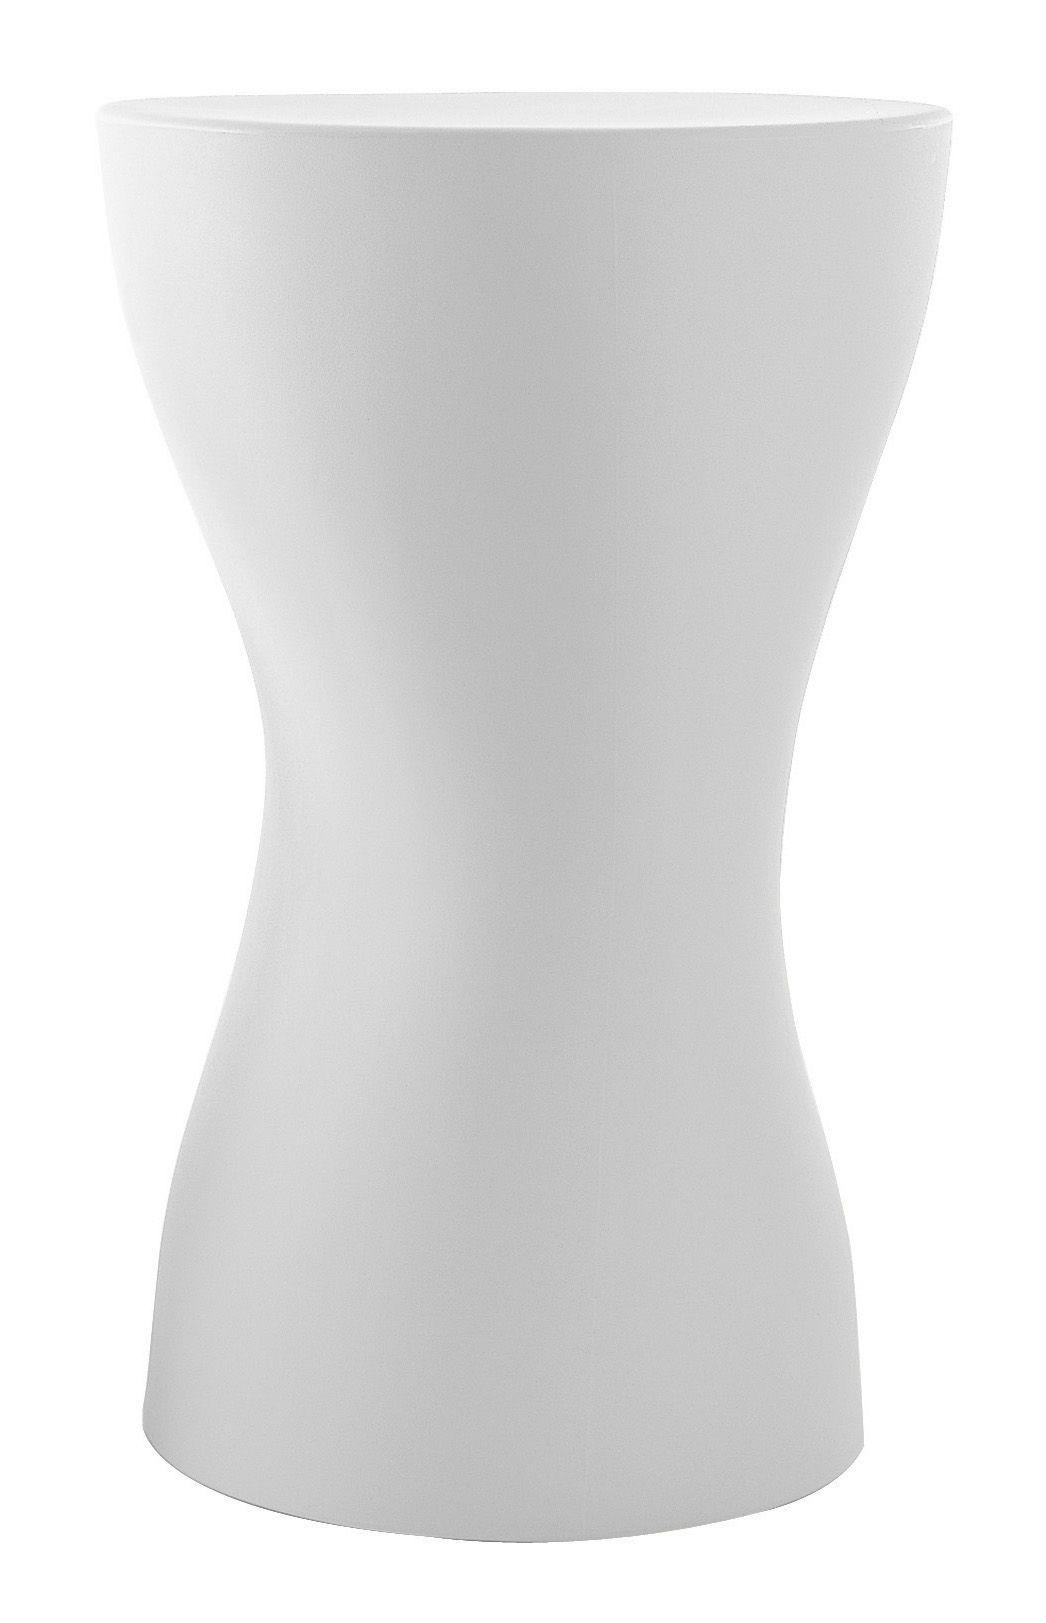 Möbel - Stehtische und Bars - Tokyo Pop Stehtisch - Driade - Weiß - Polyäthylen